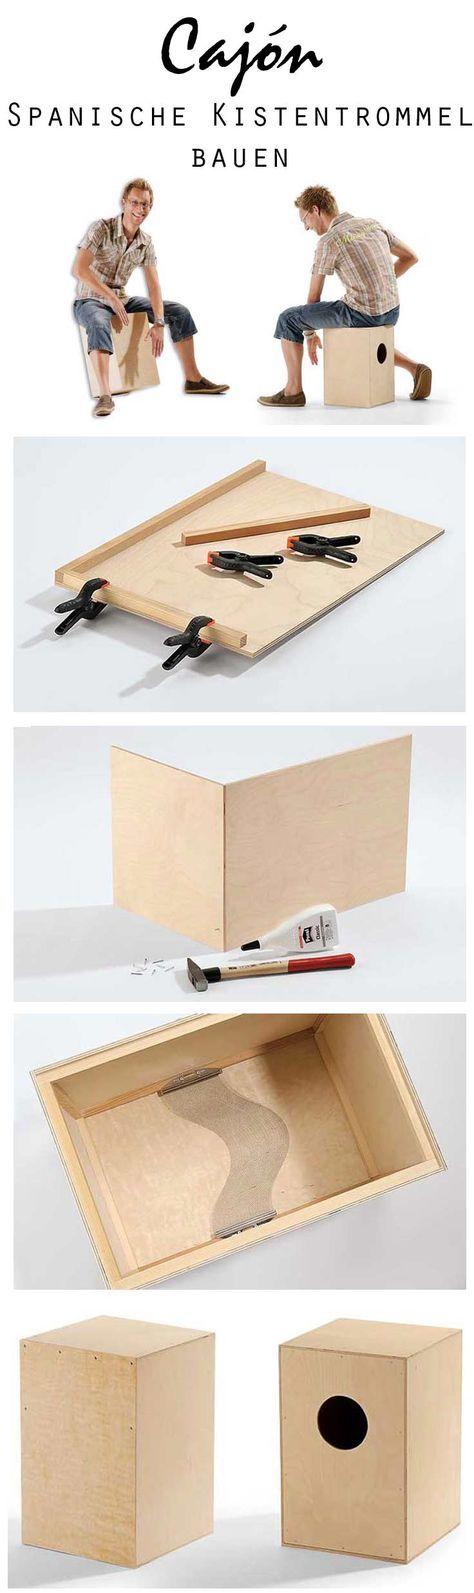 caj n selber bauen gesa pinterest selbst bauen auszeichnen und schubladen. Black Bedroom Furniture Sets. Home Design Ideas